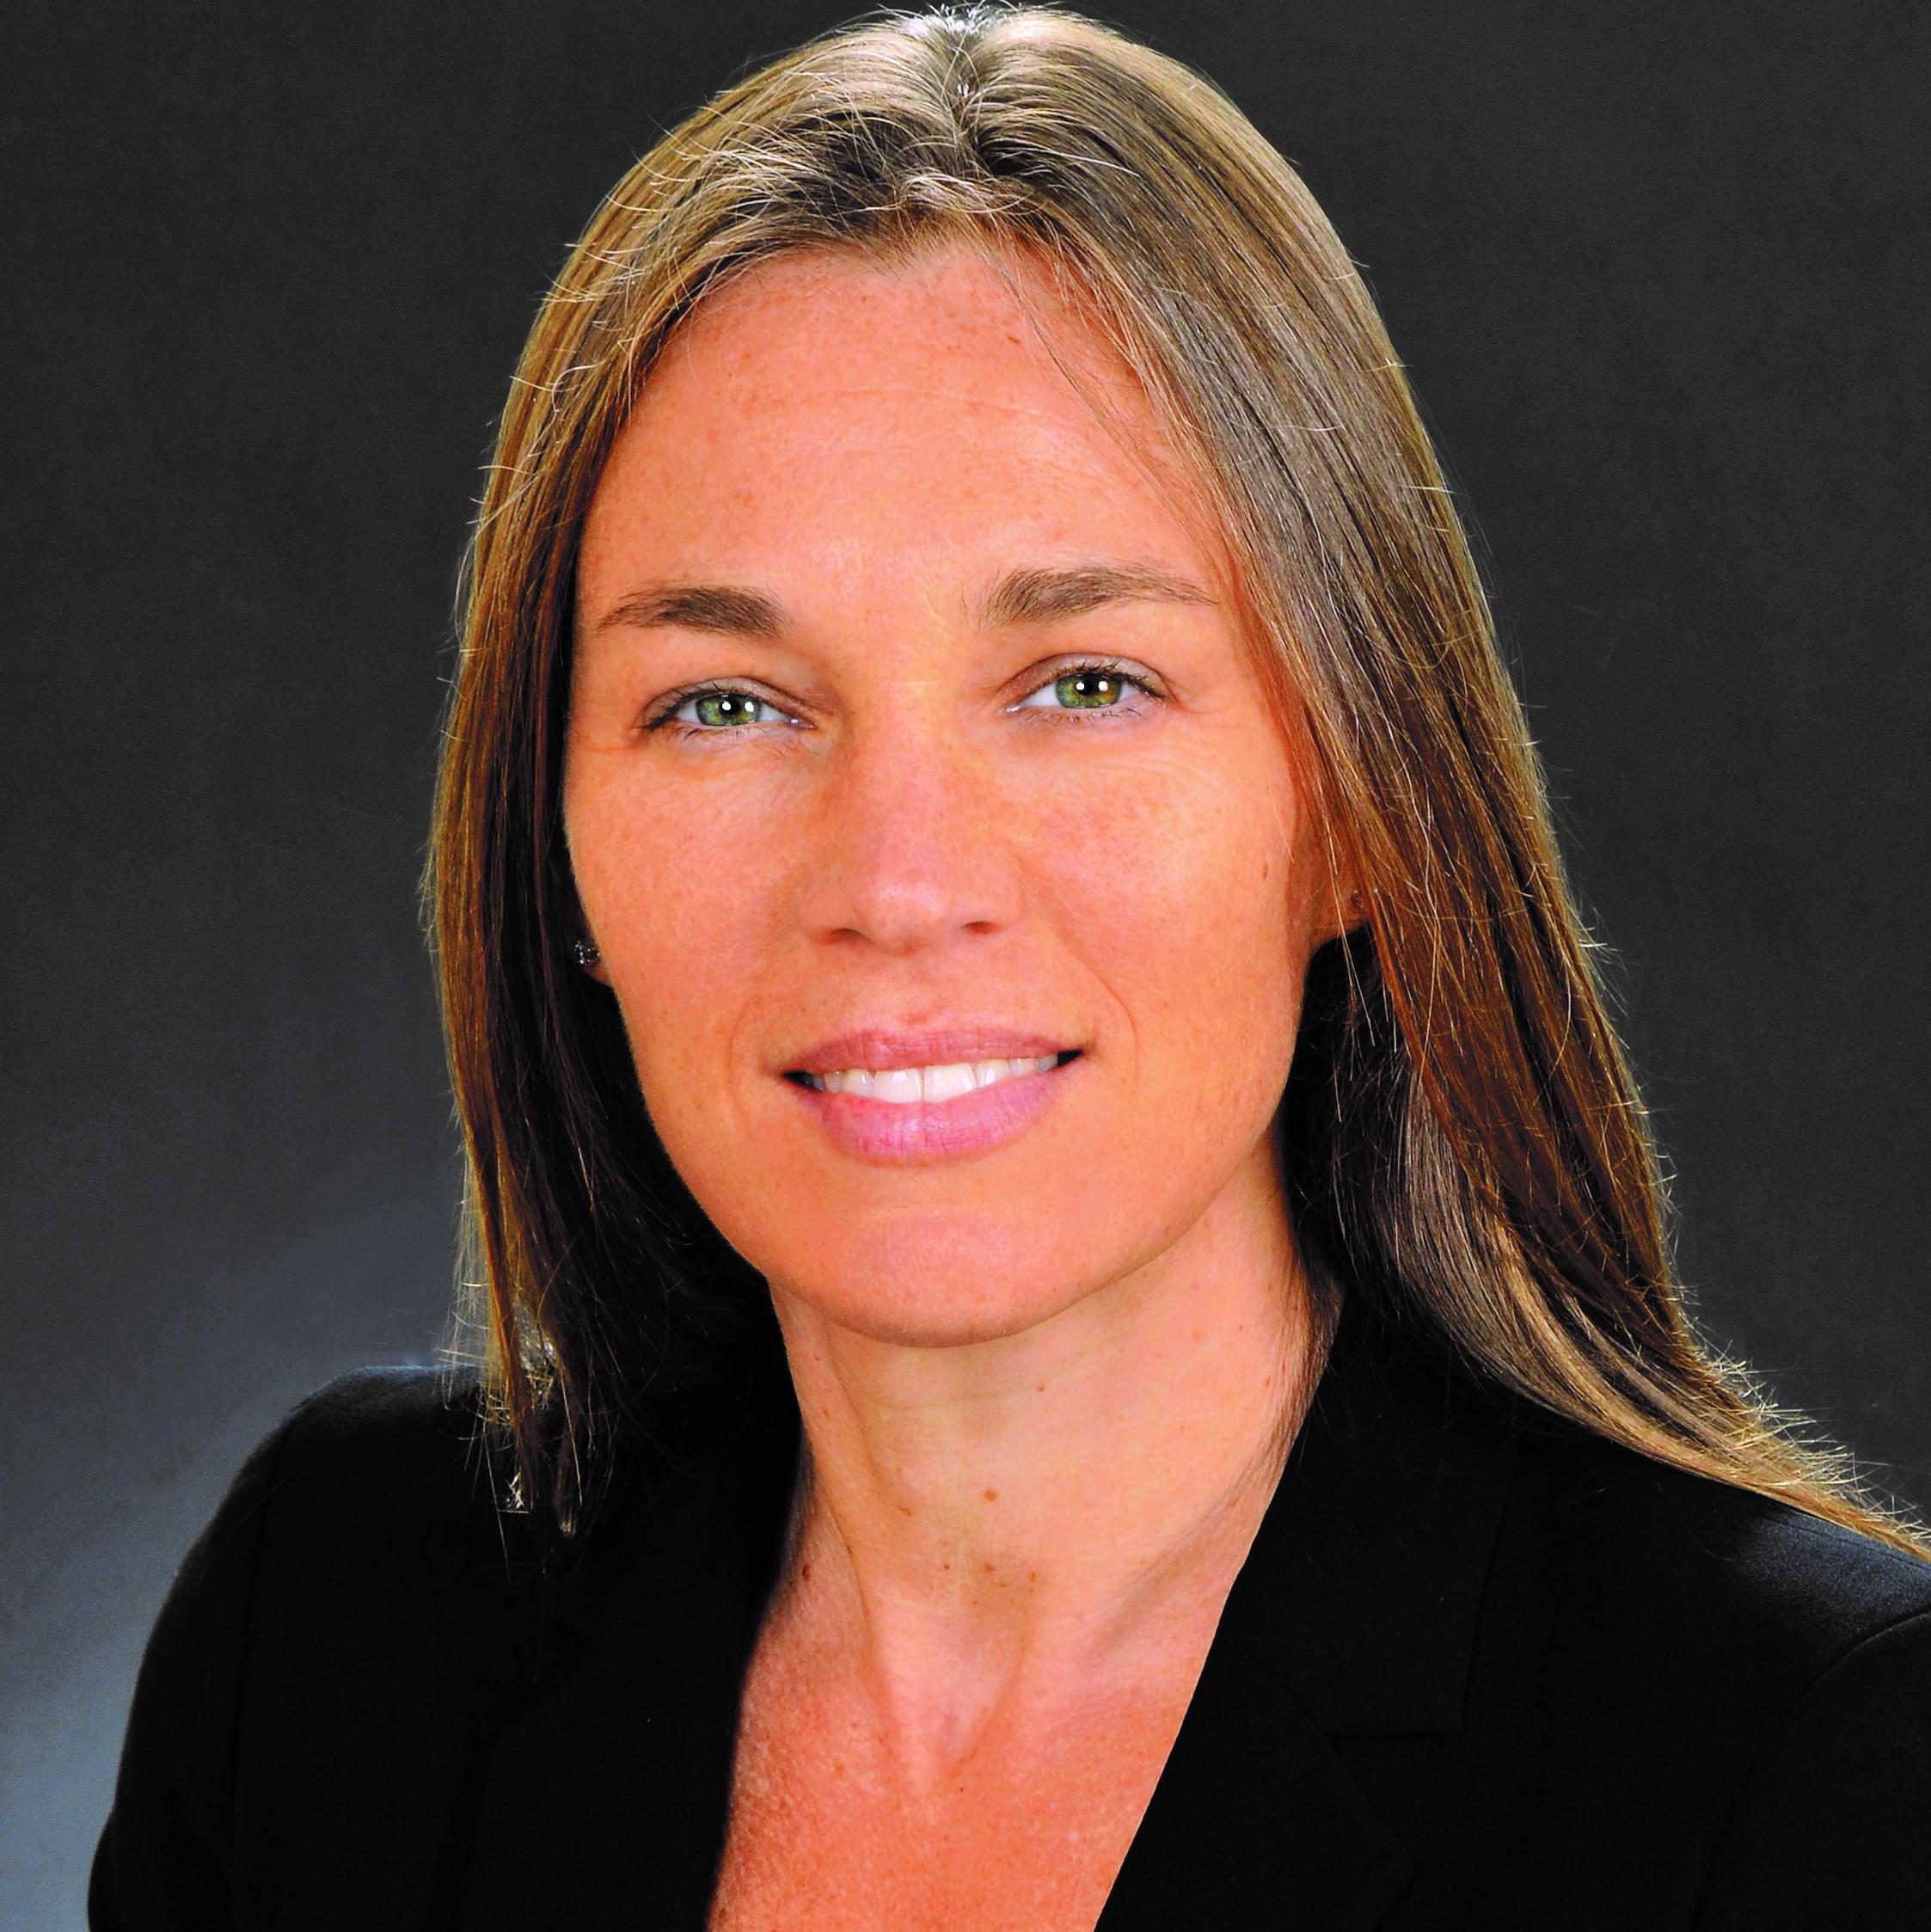 Amy Wegener